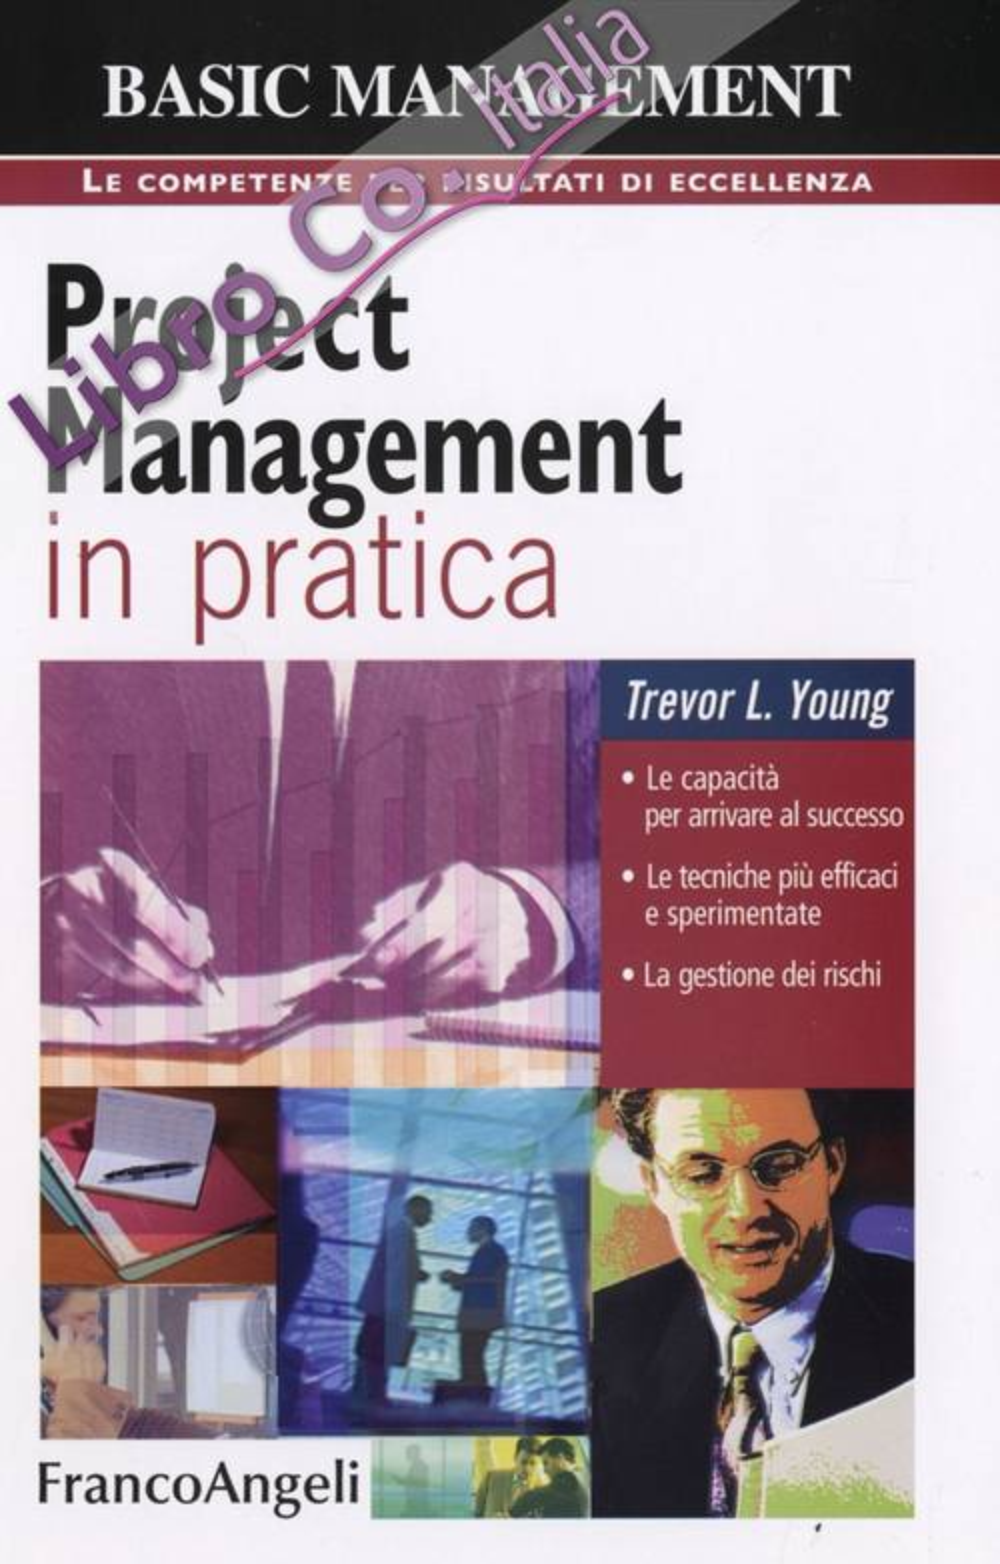 Project Management in Pratica. Le Capacità per Arrivare al Successo, le Tecniche più Efficaci e Sperimentate, la Gestione dei Rischi